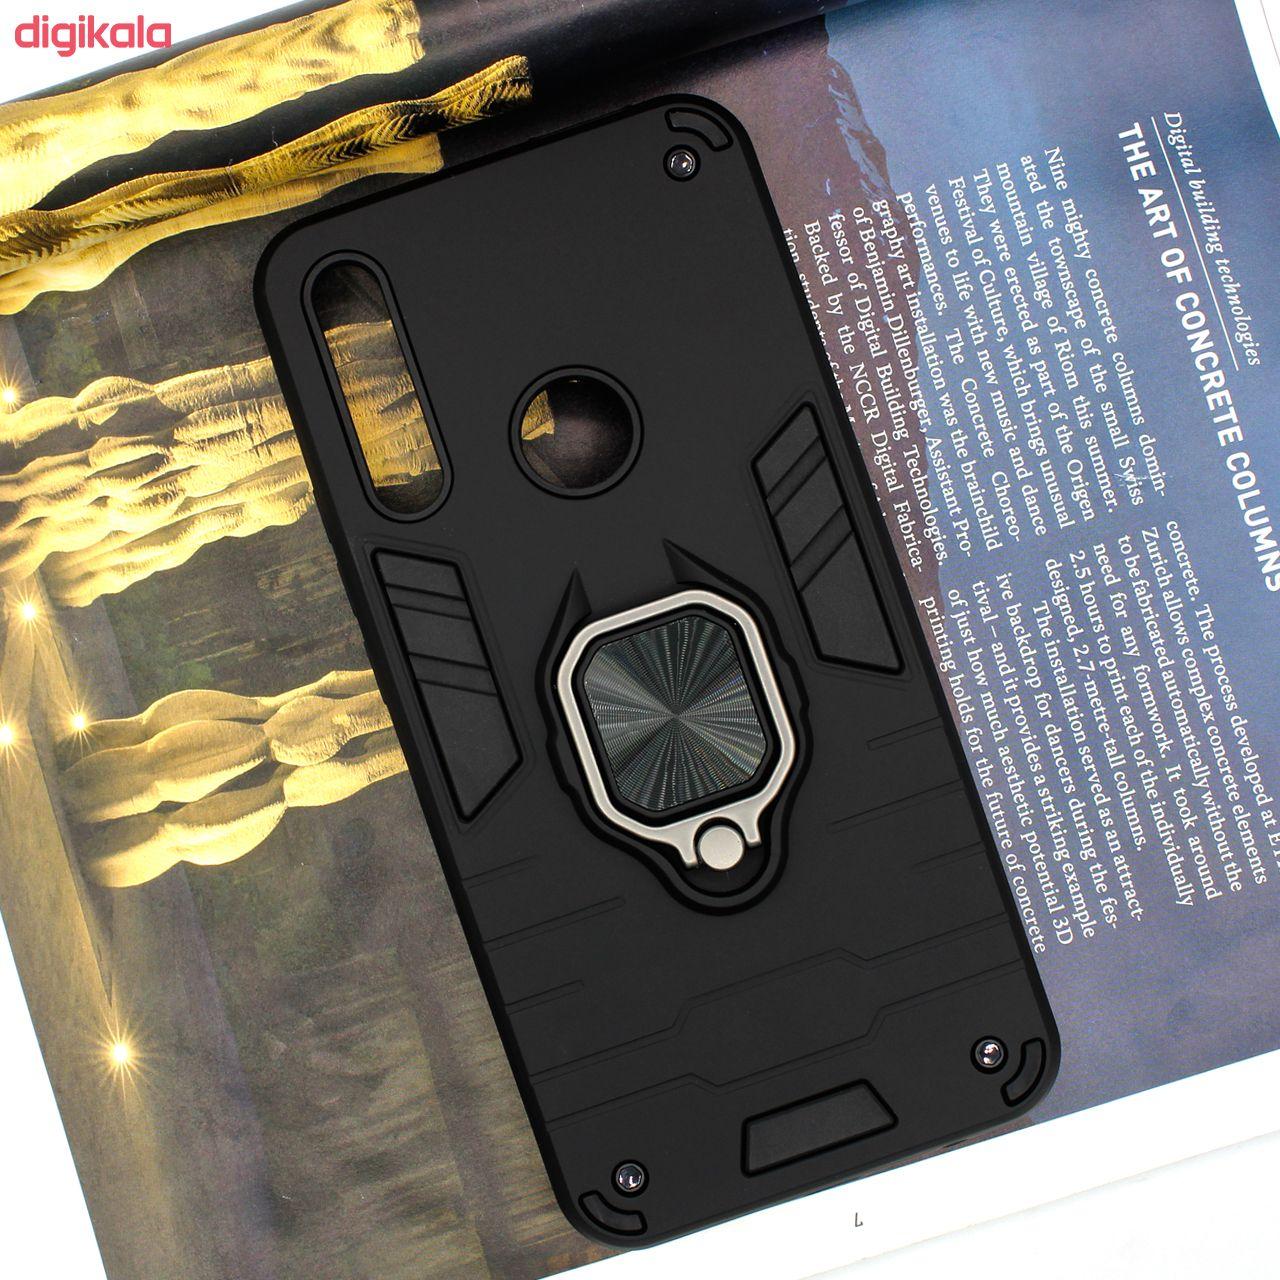 کاور کینگ پاور مدل ASH22 مناسب برای گوشی موبایل هوآوی Y9 Prime 2019 / آنر 9X main 1 11